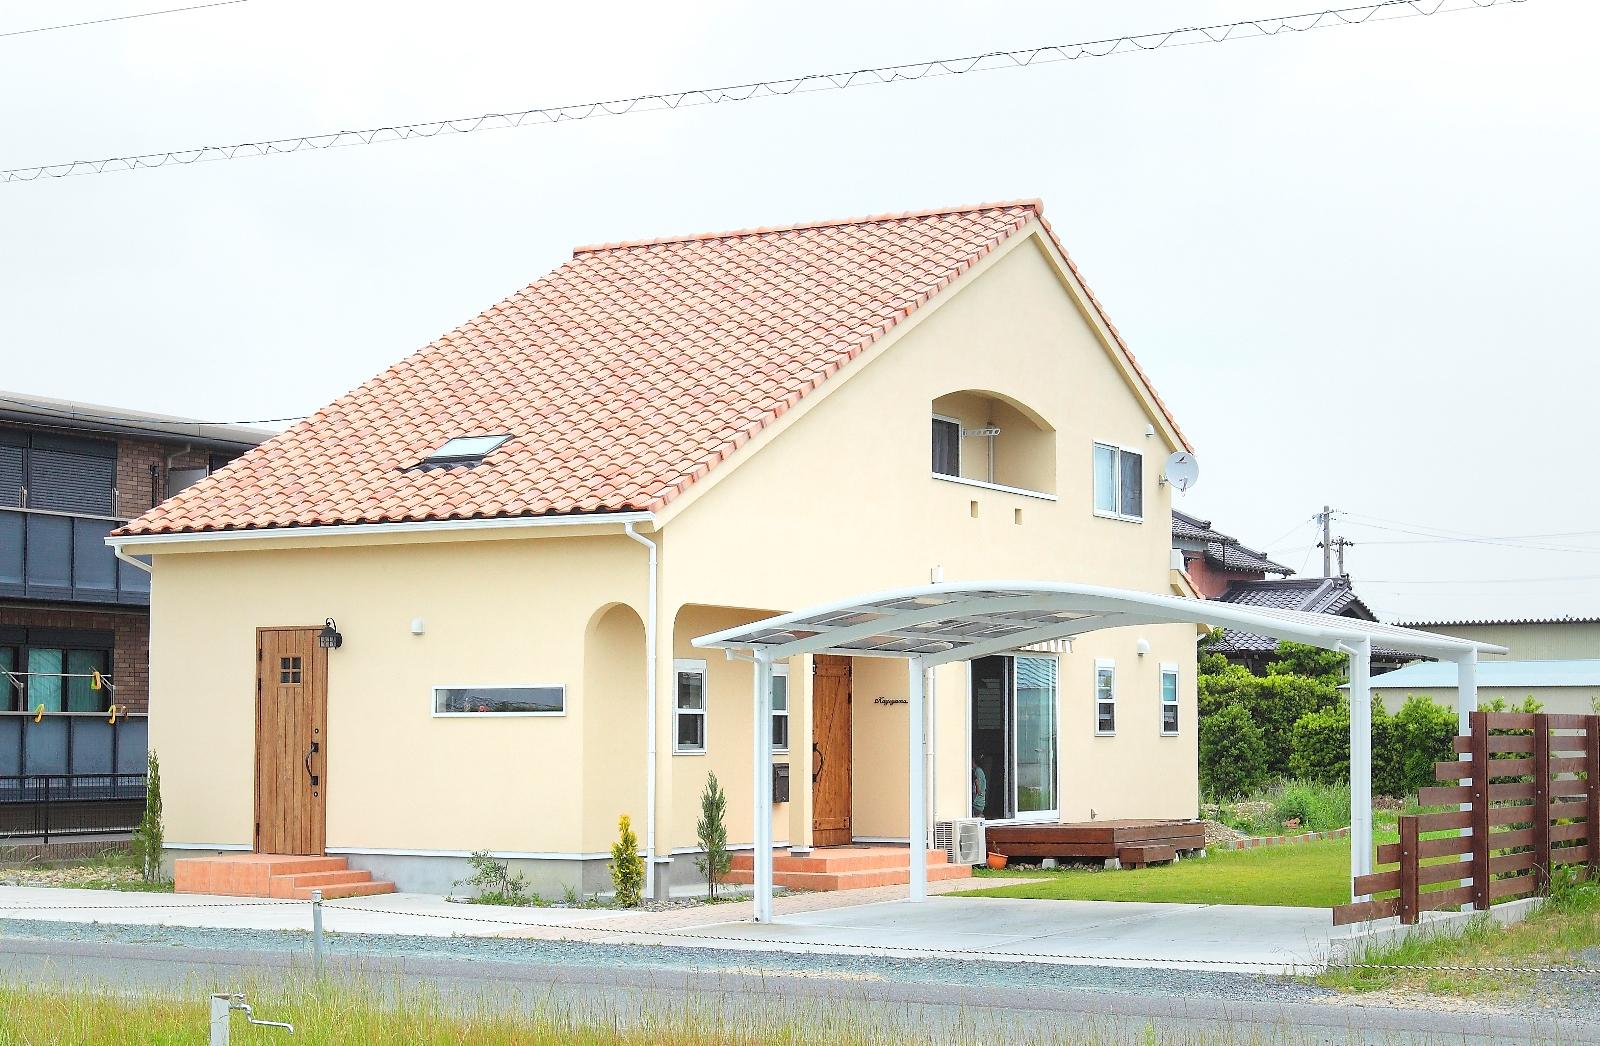 ヘアサロンと住まいを心地よく共存させた自然素材の家